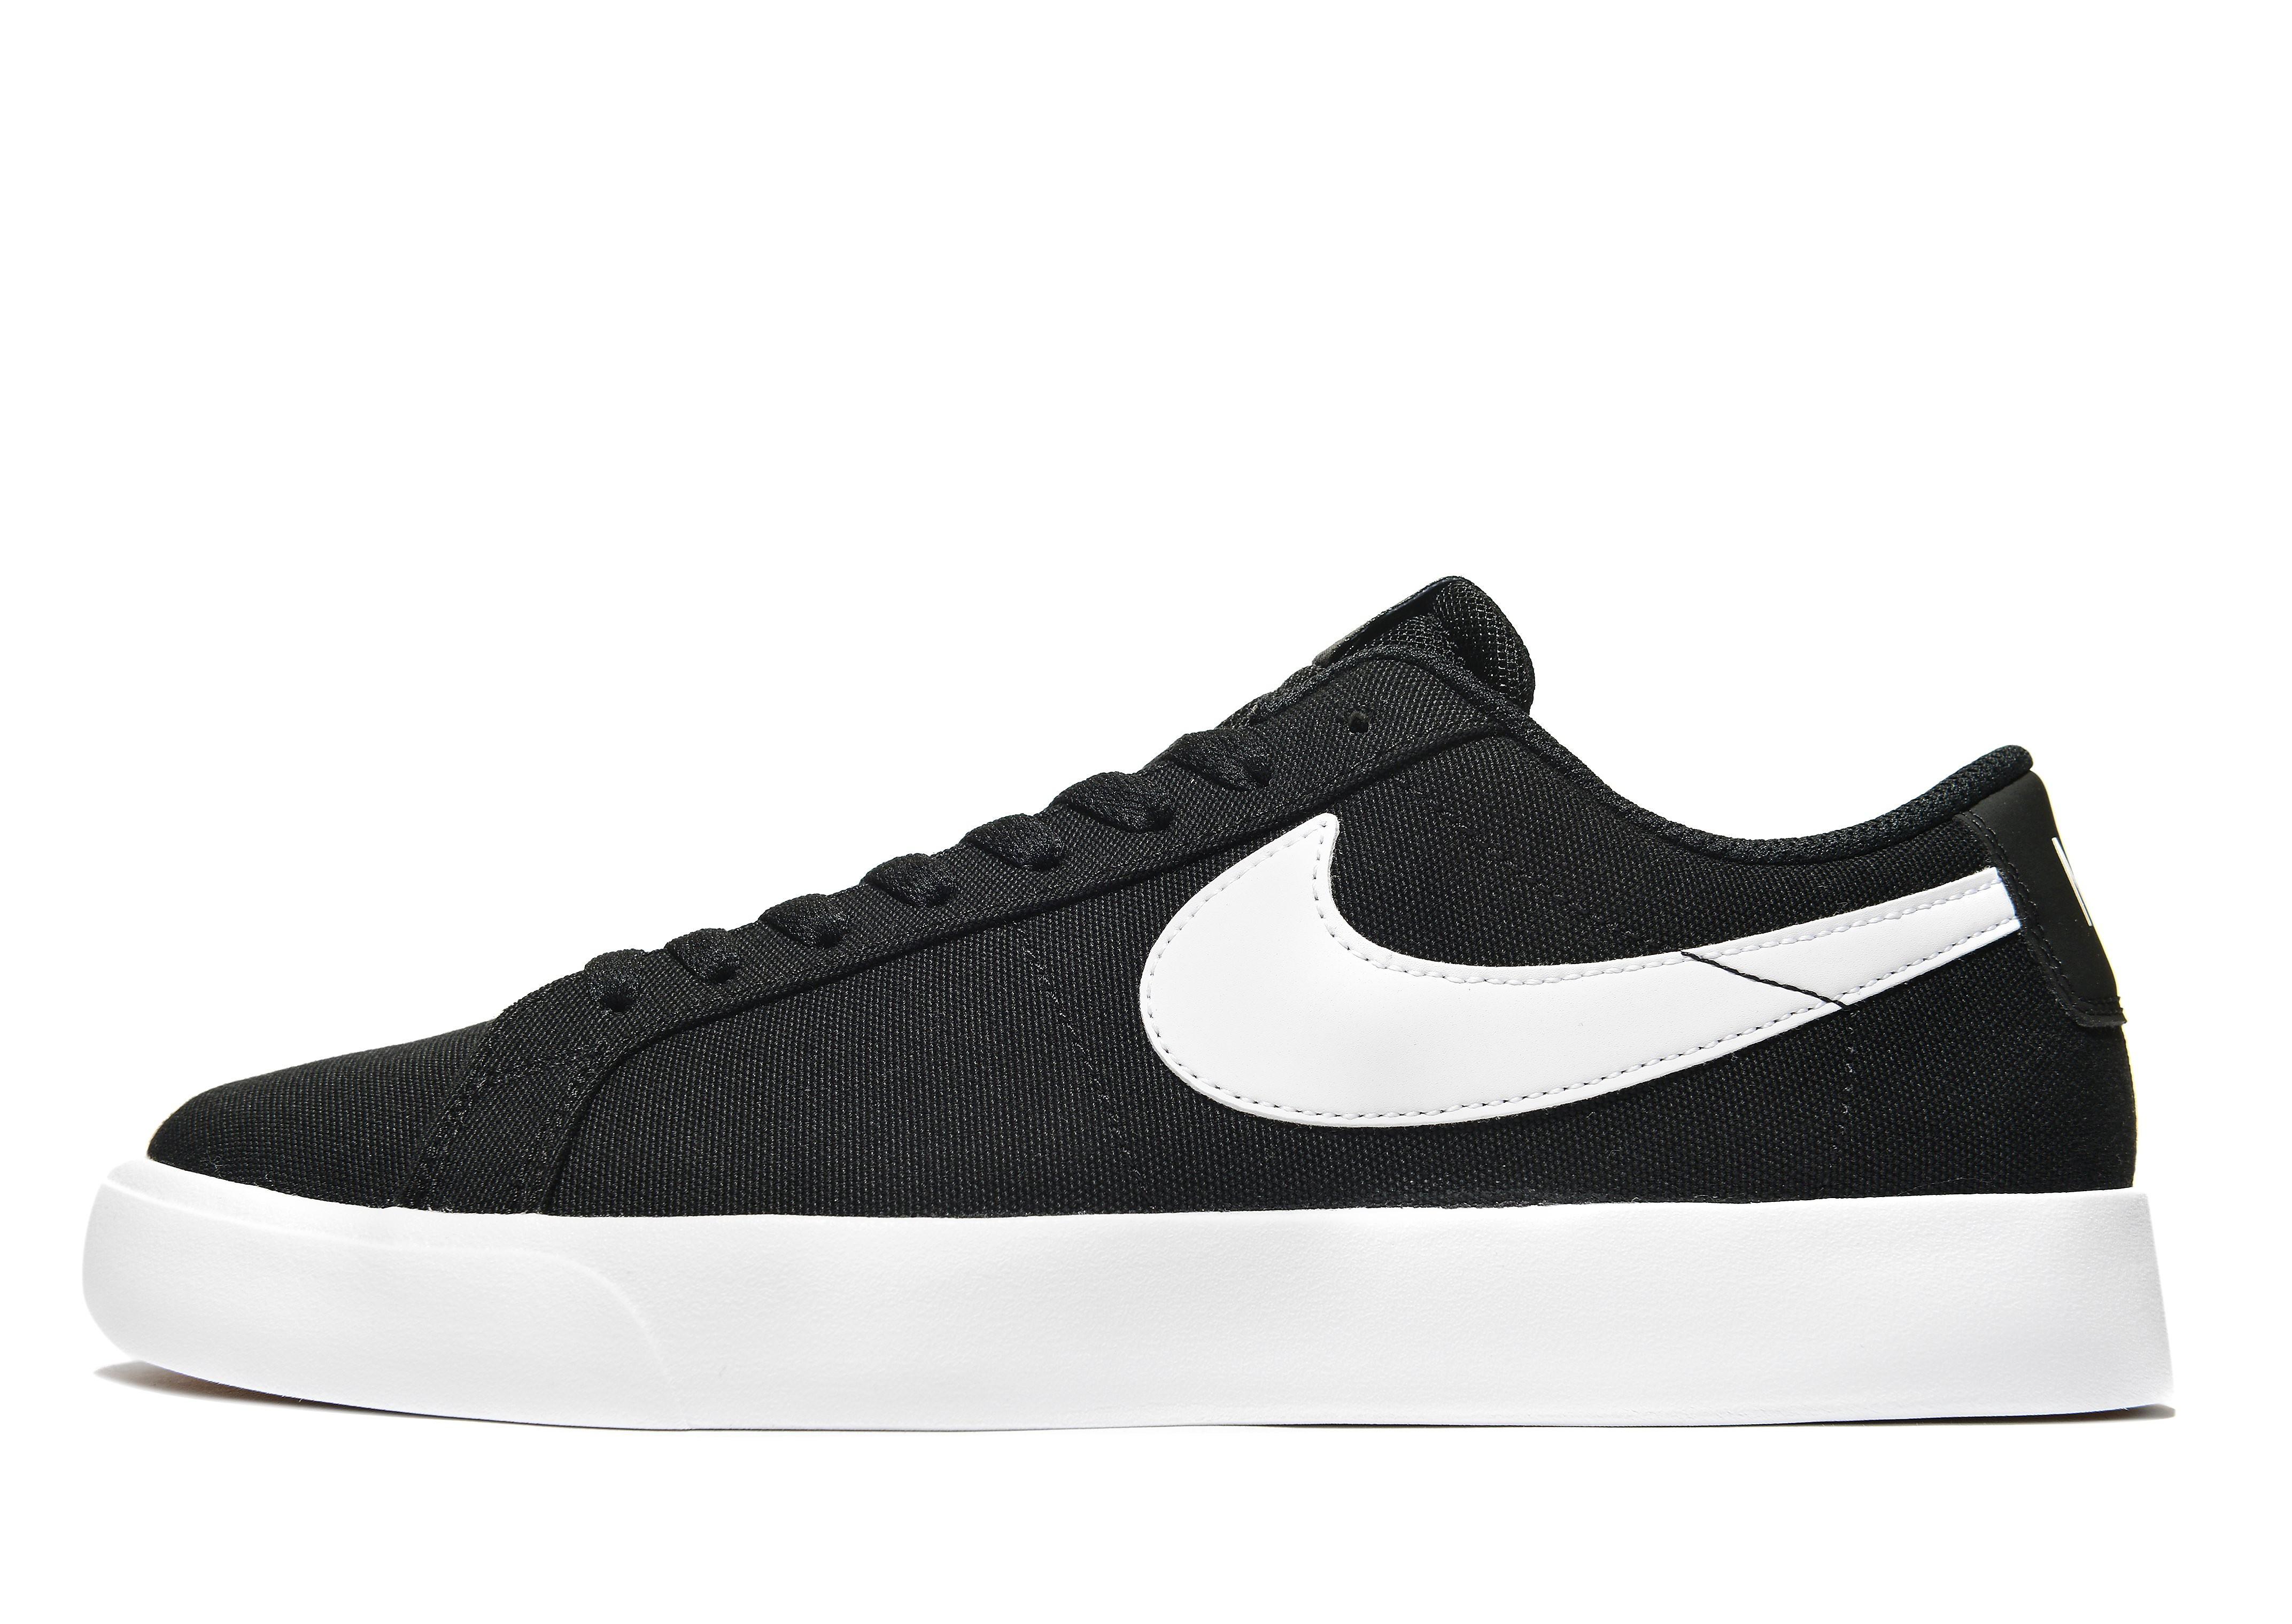 Nike SB Blazer Vapor